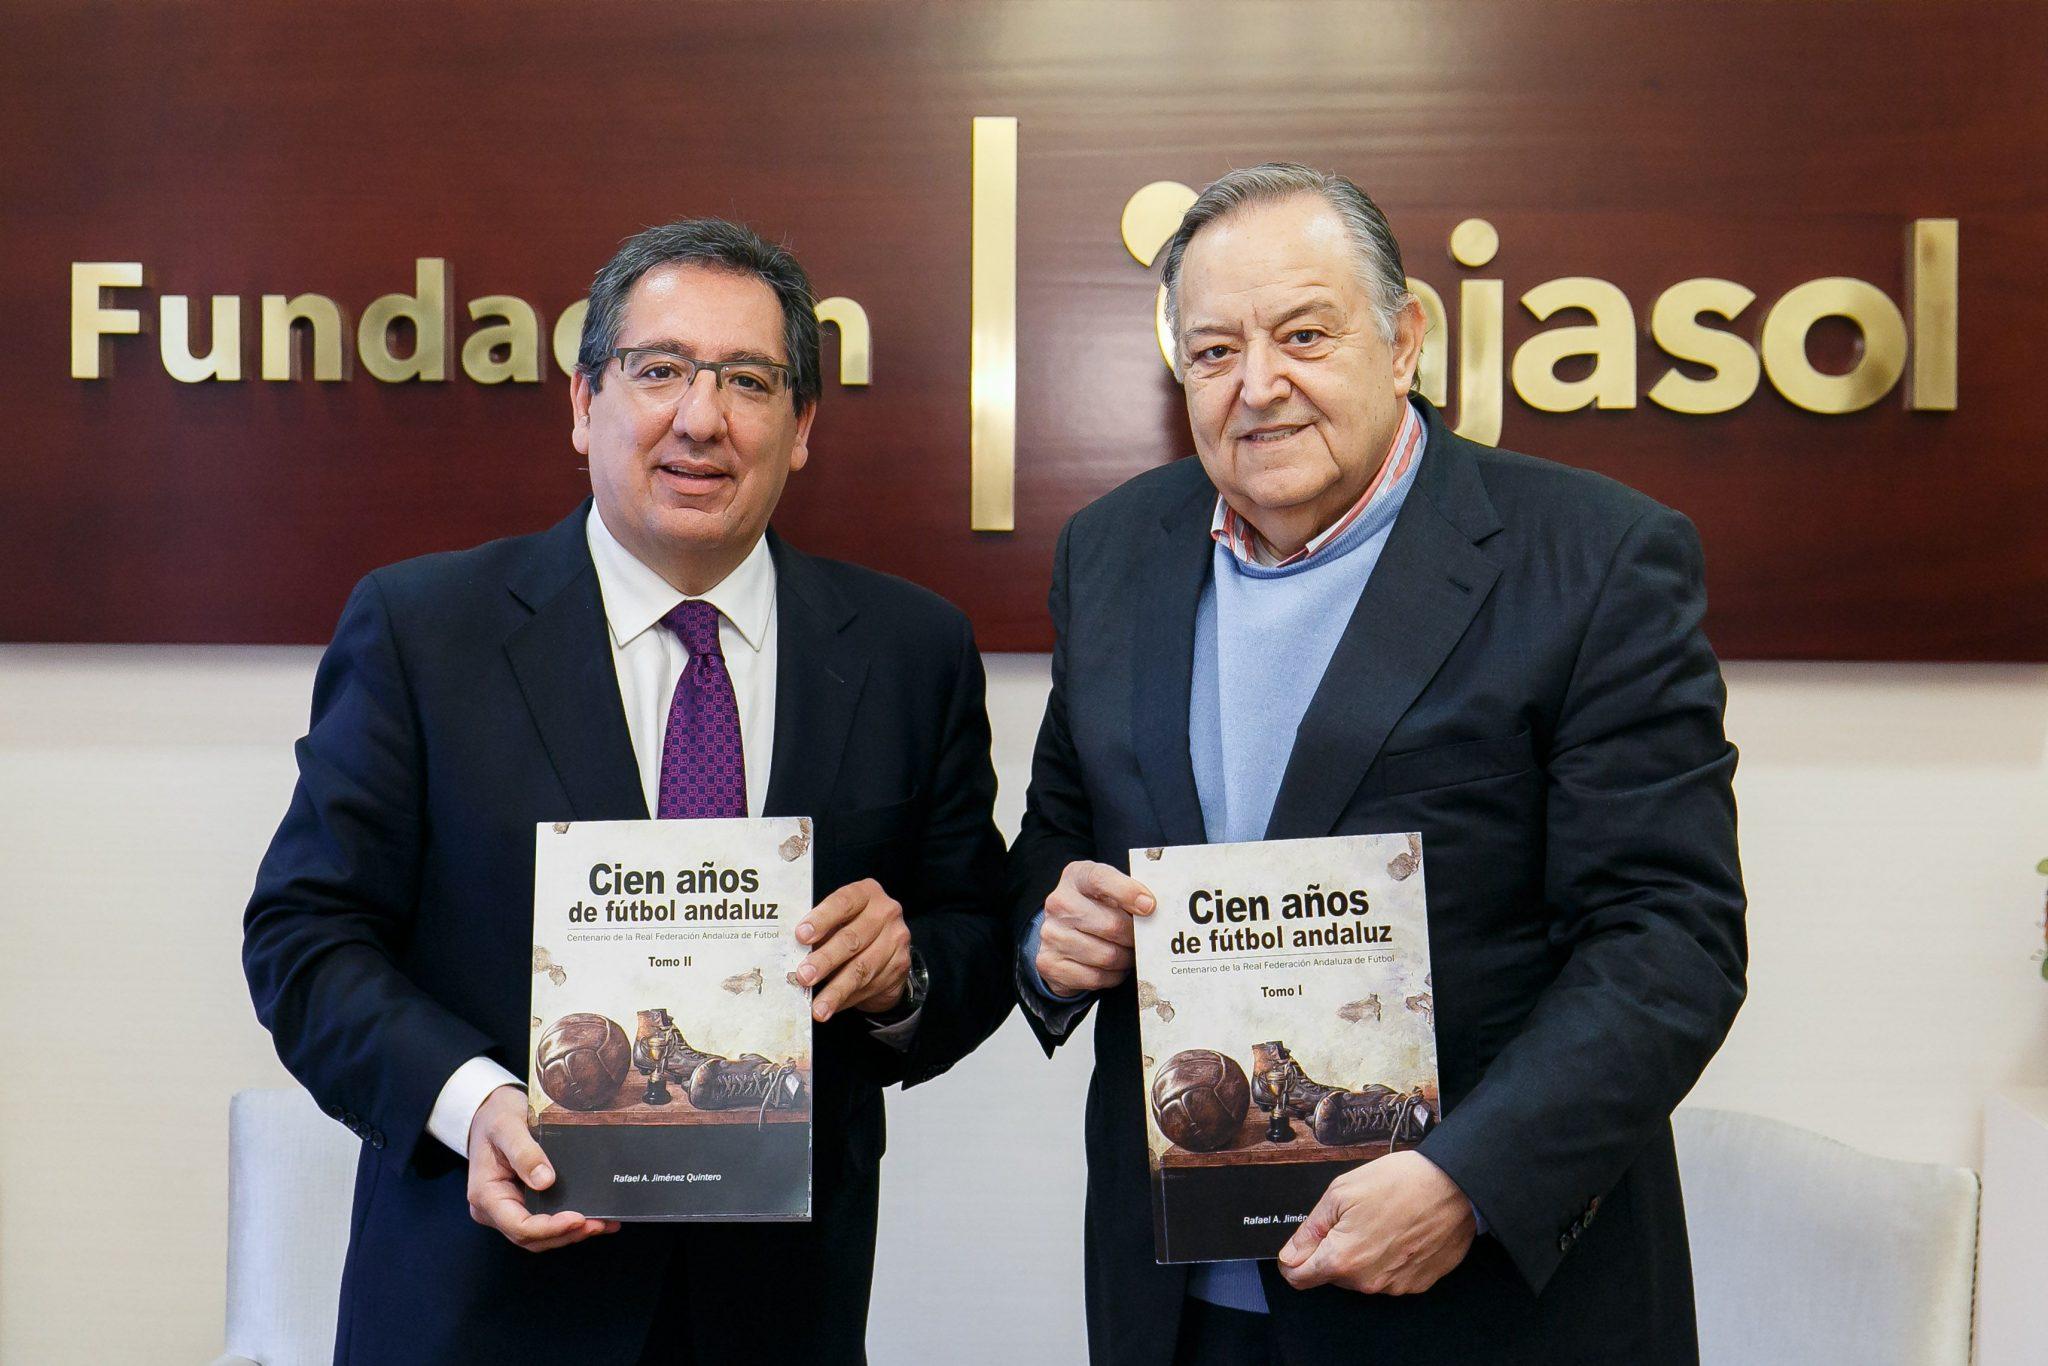 La Fundación Cajasol ha firmado un acuerdo para editar junto a la Real Federación Andaluza de Fútbol el libro Cien años de Fútbol Andaluz.